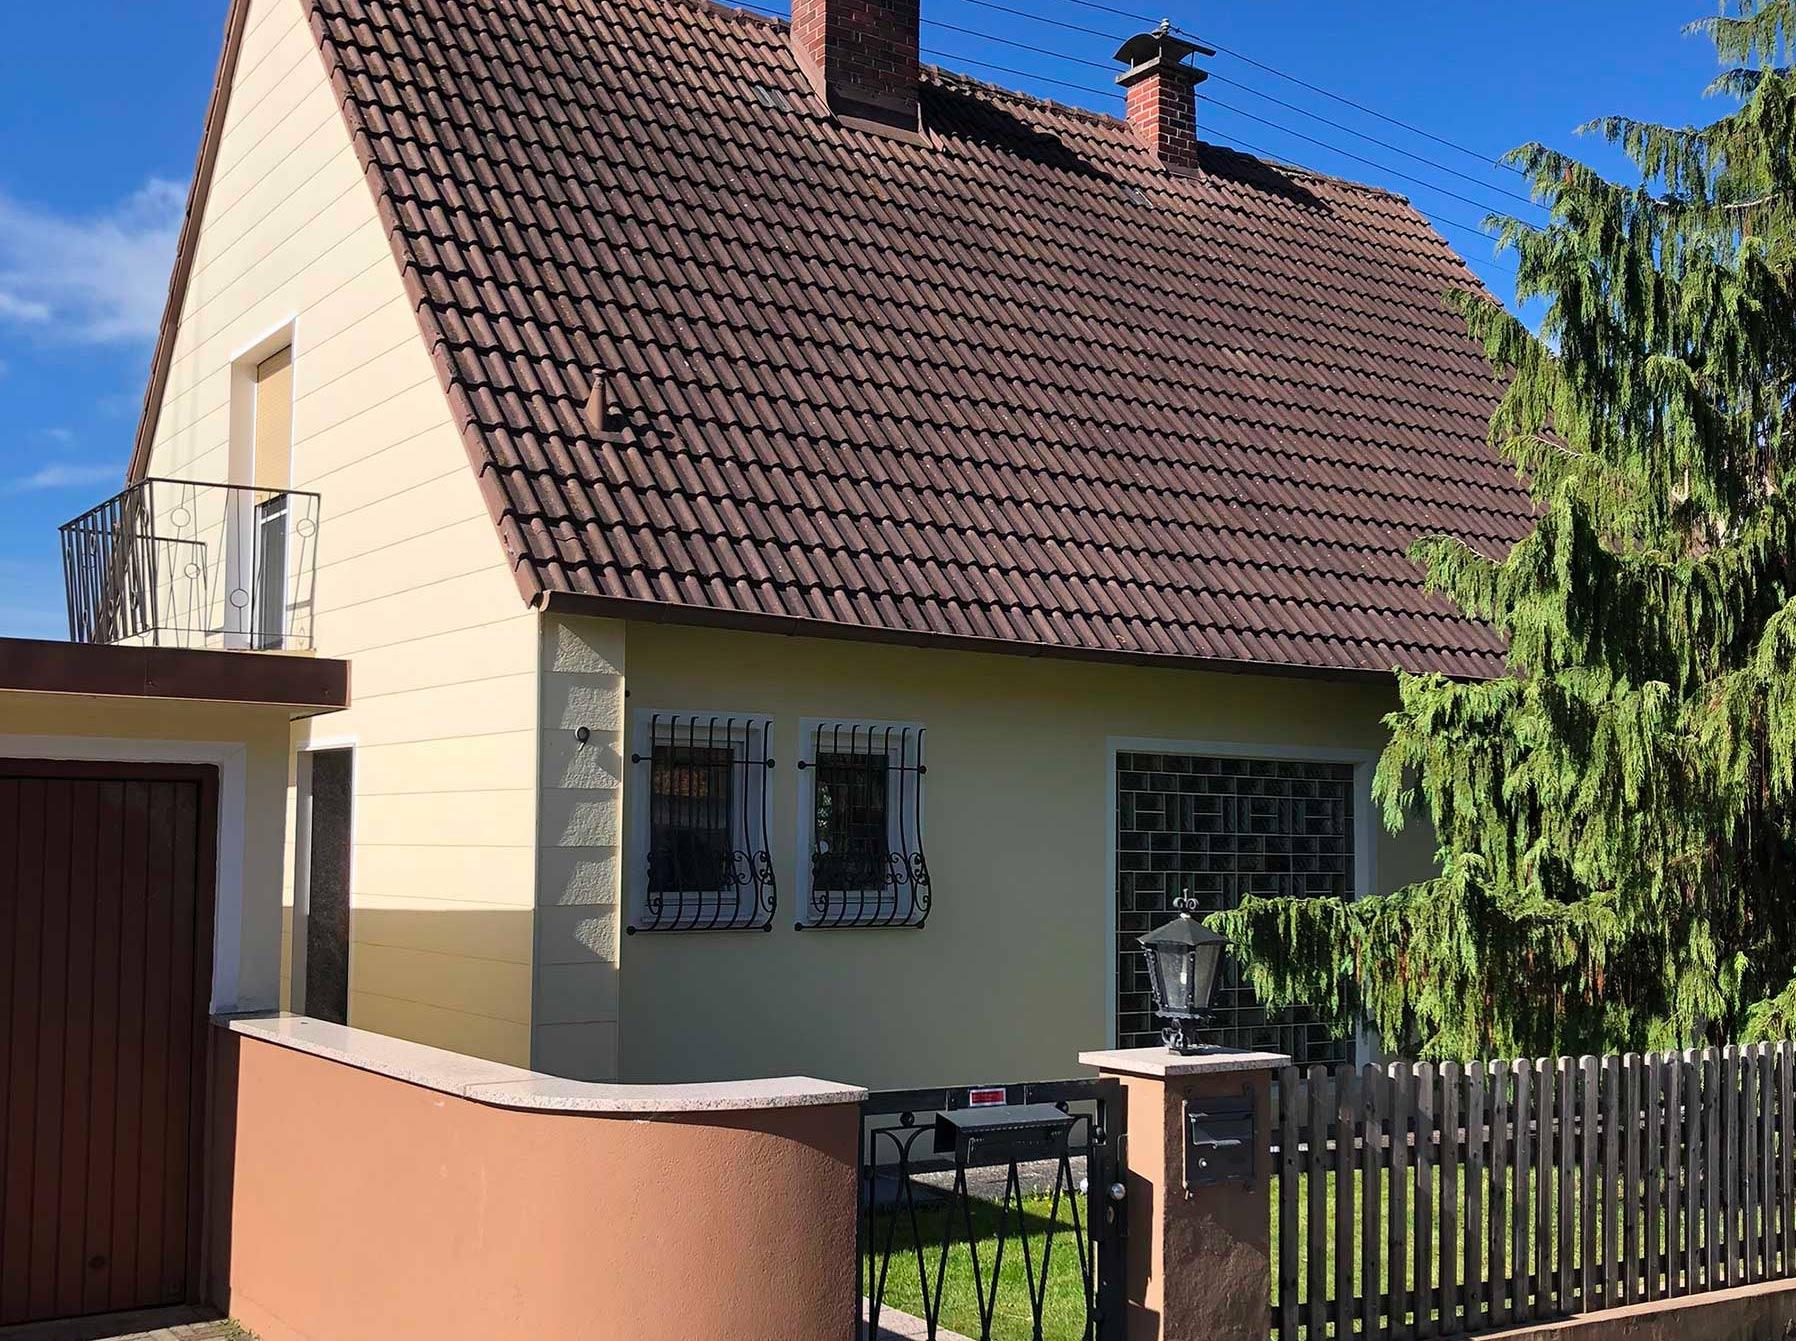 Einfamilienhaus mit großen Garten in einer sehr schönen Lage in Dinkelscherben